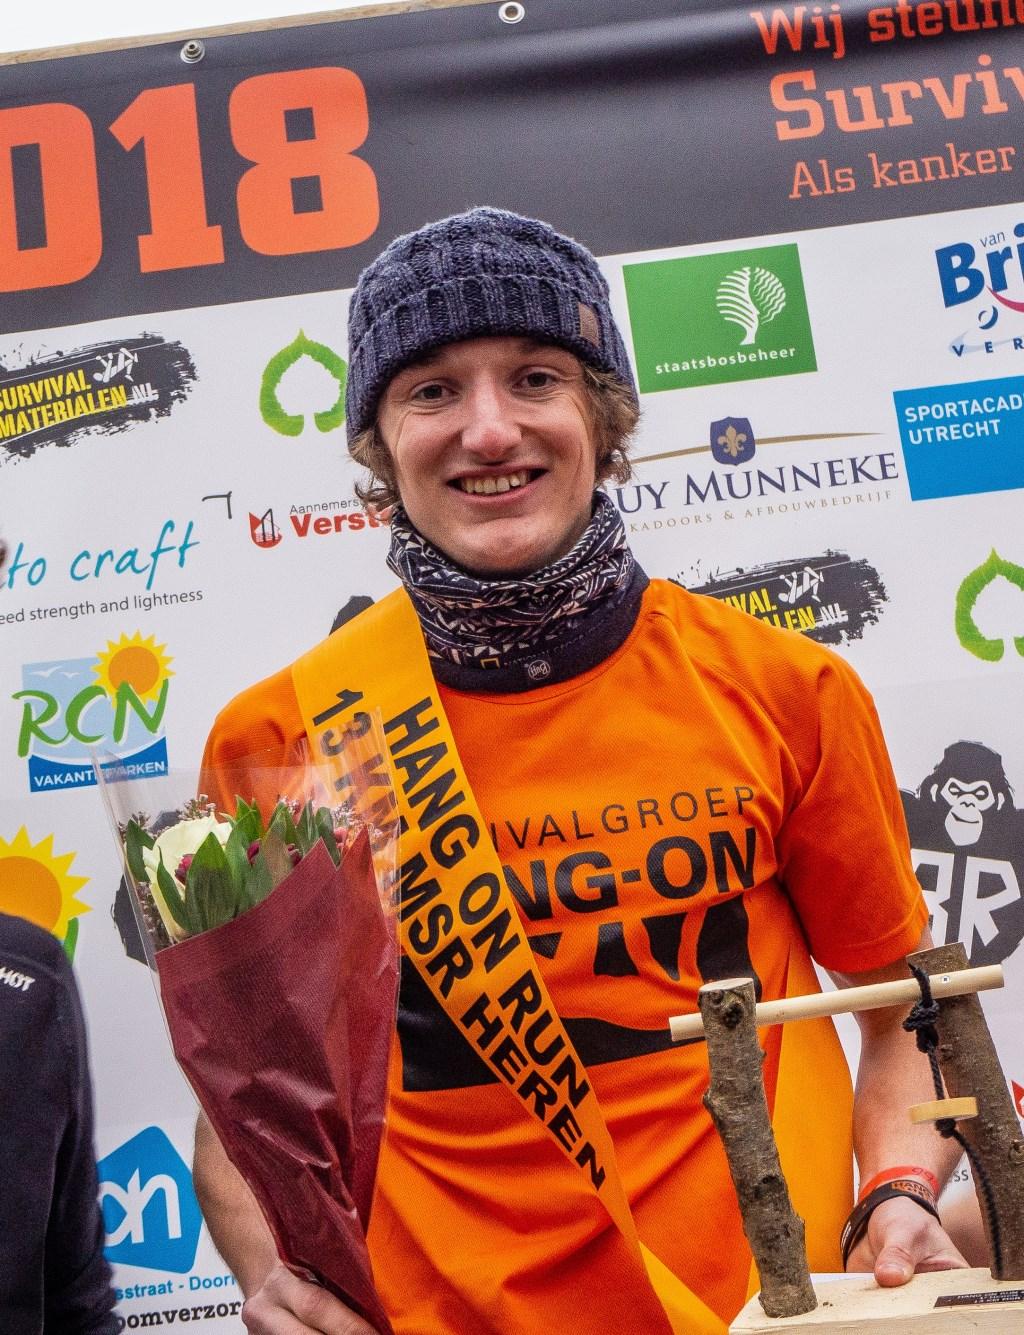 Jesse de Heer wint topklasse 13 km Foto: Sanne Mallant © Persgroep